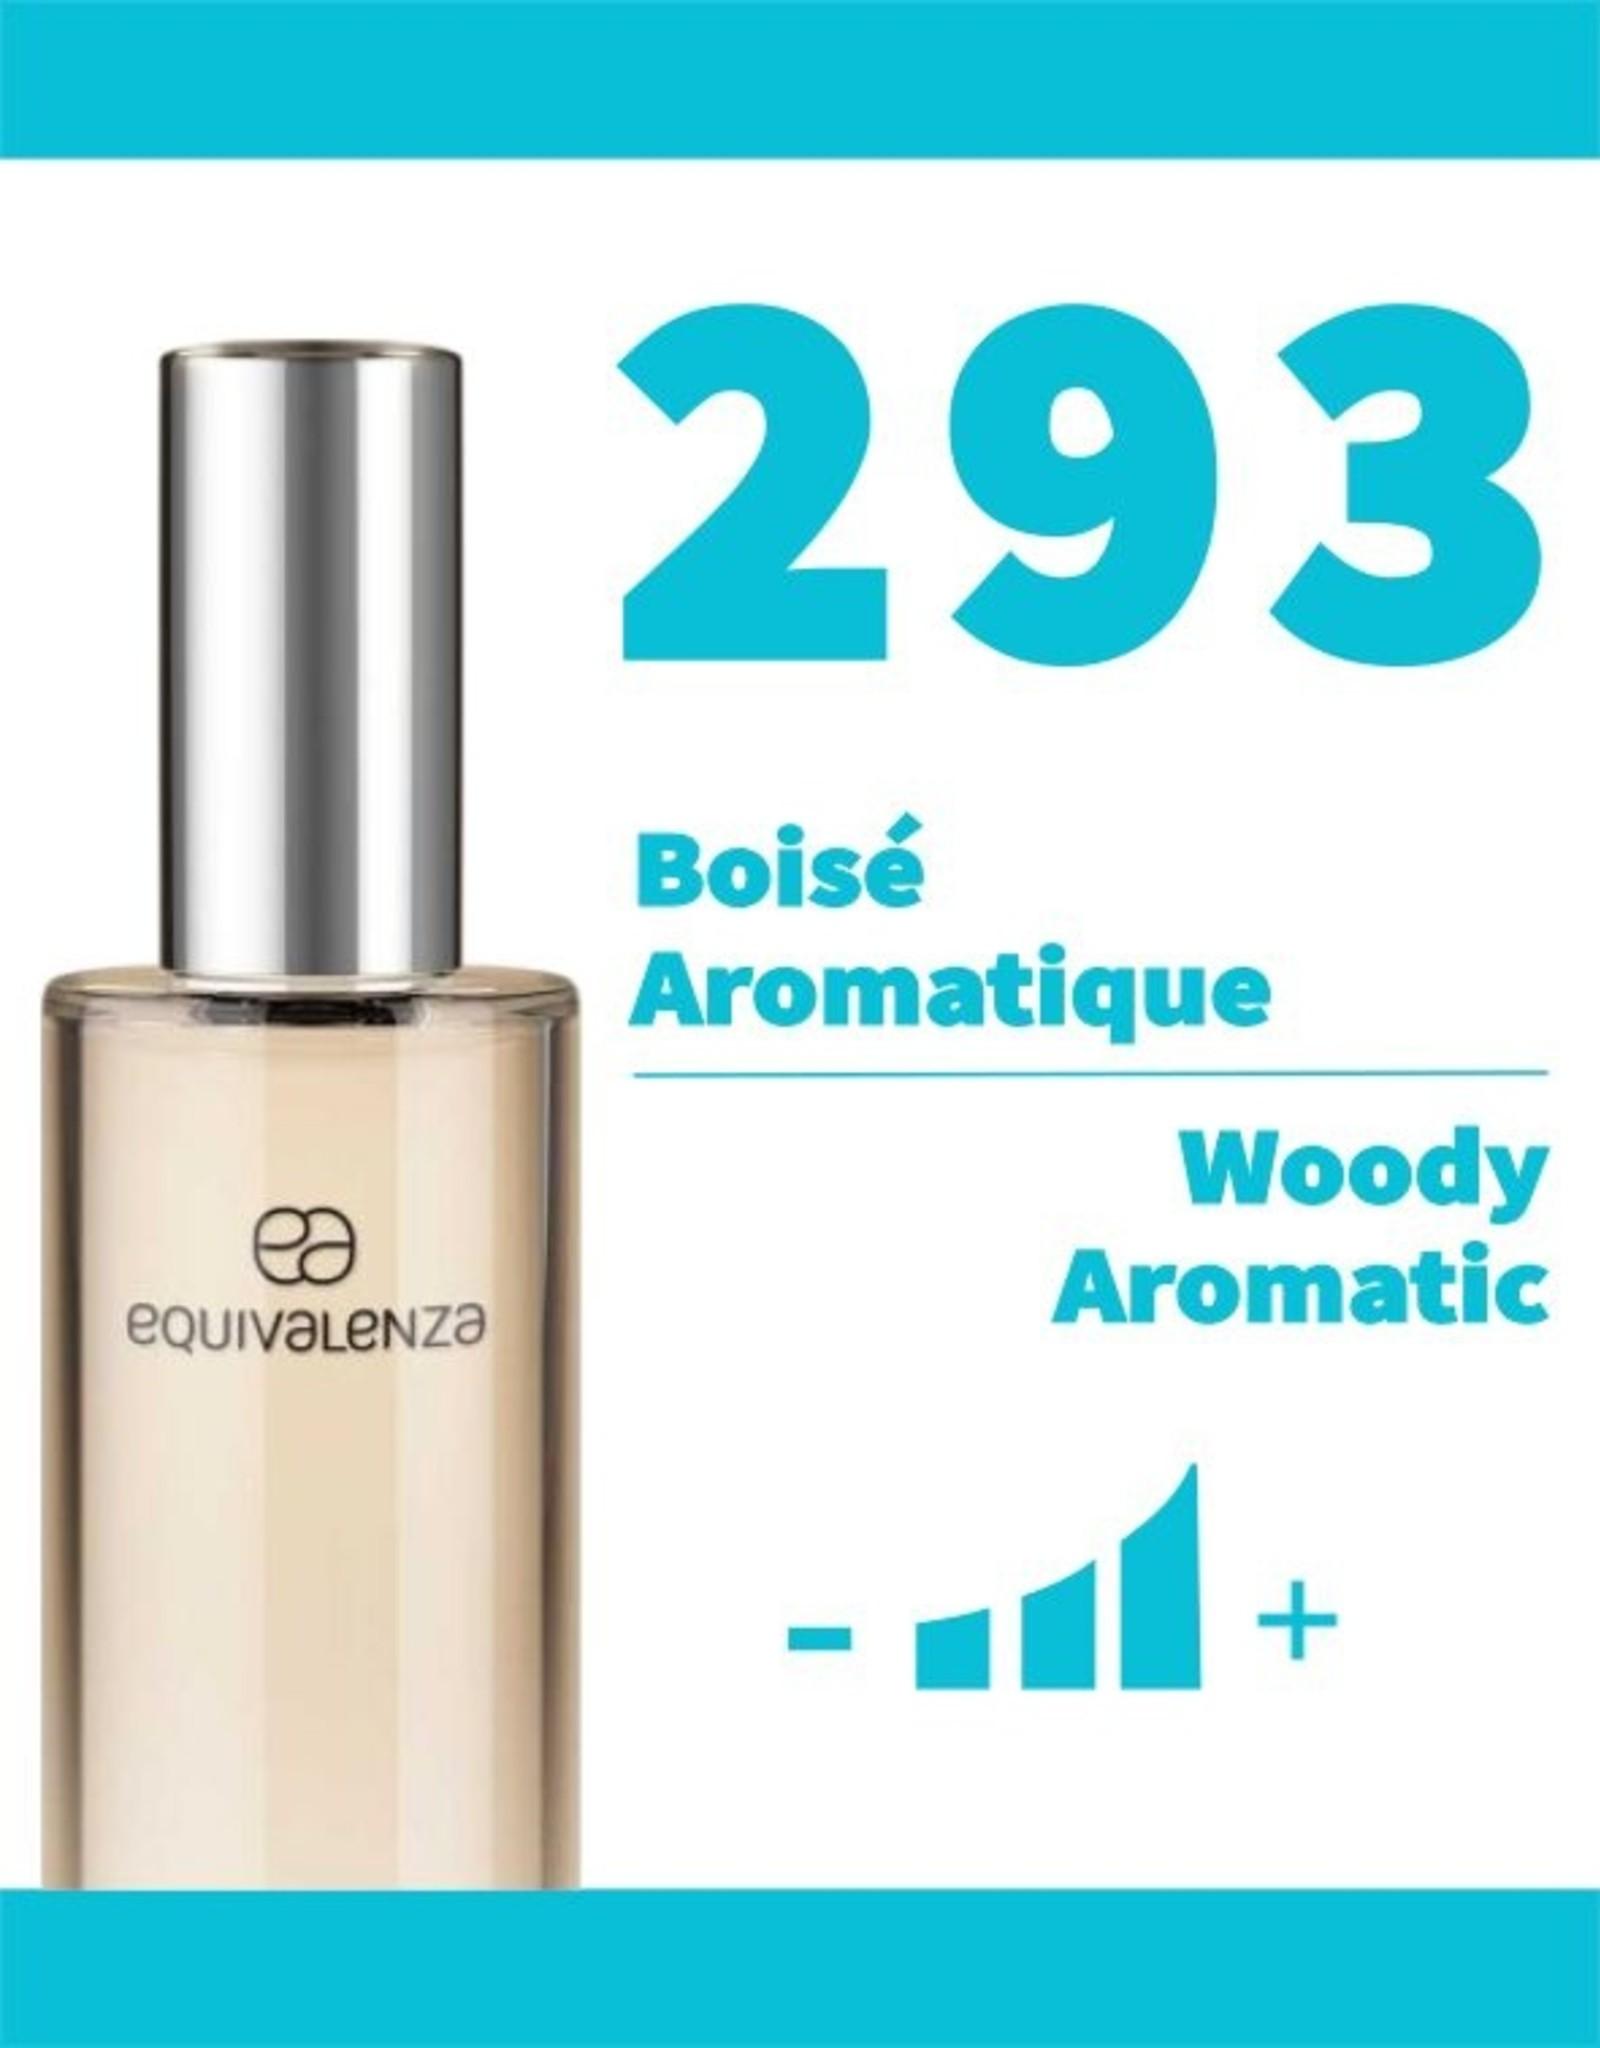 Equivalenza Eau de Toilette Boisé Aromatique 293